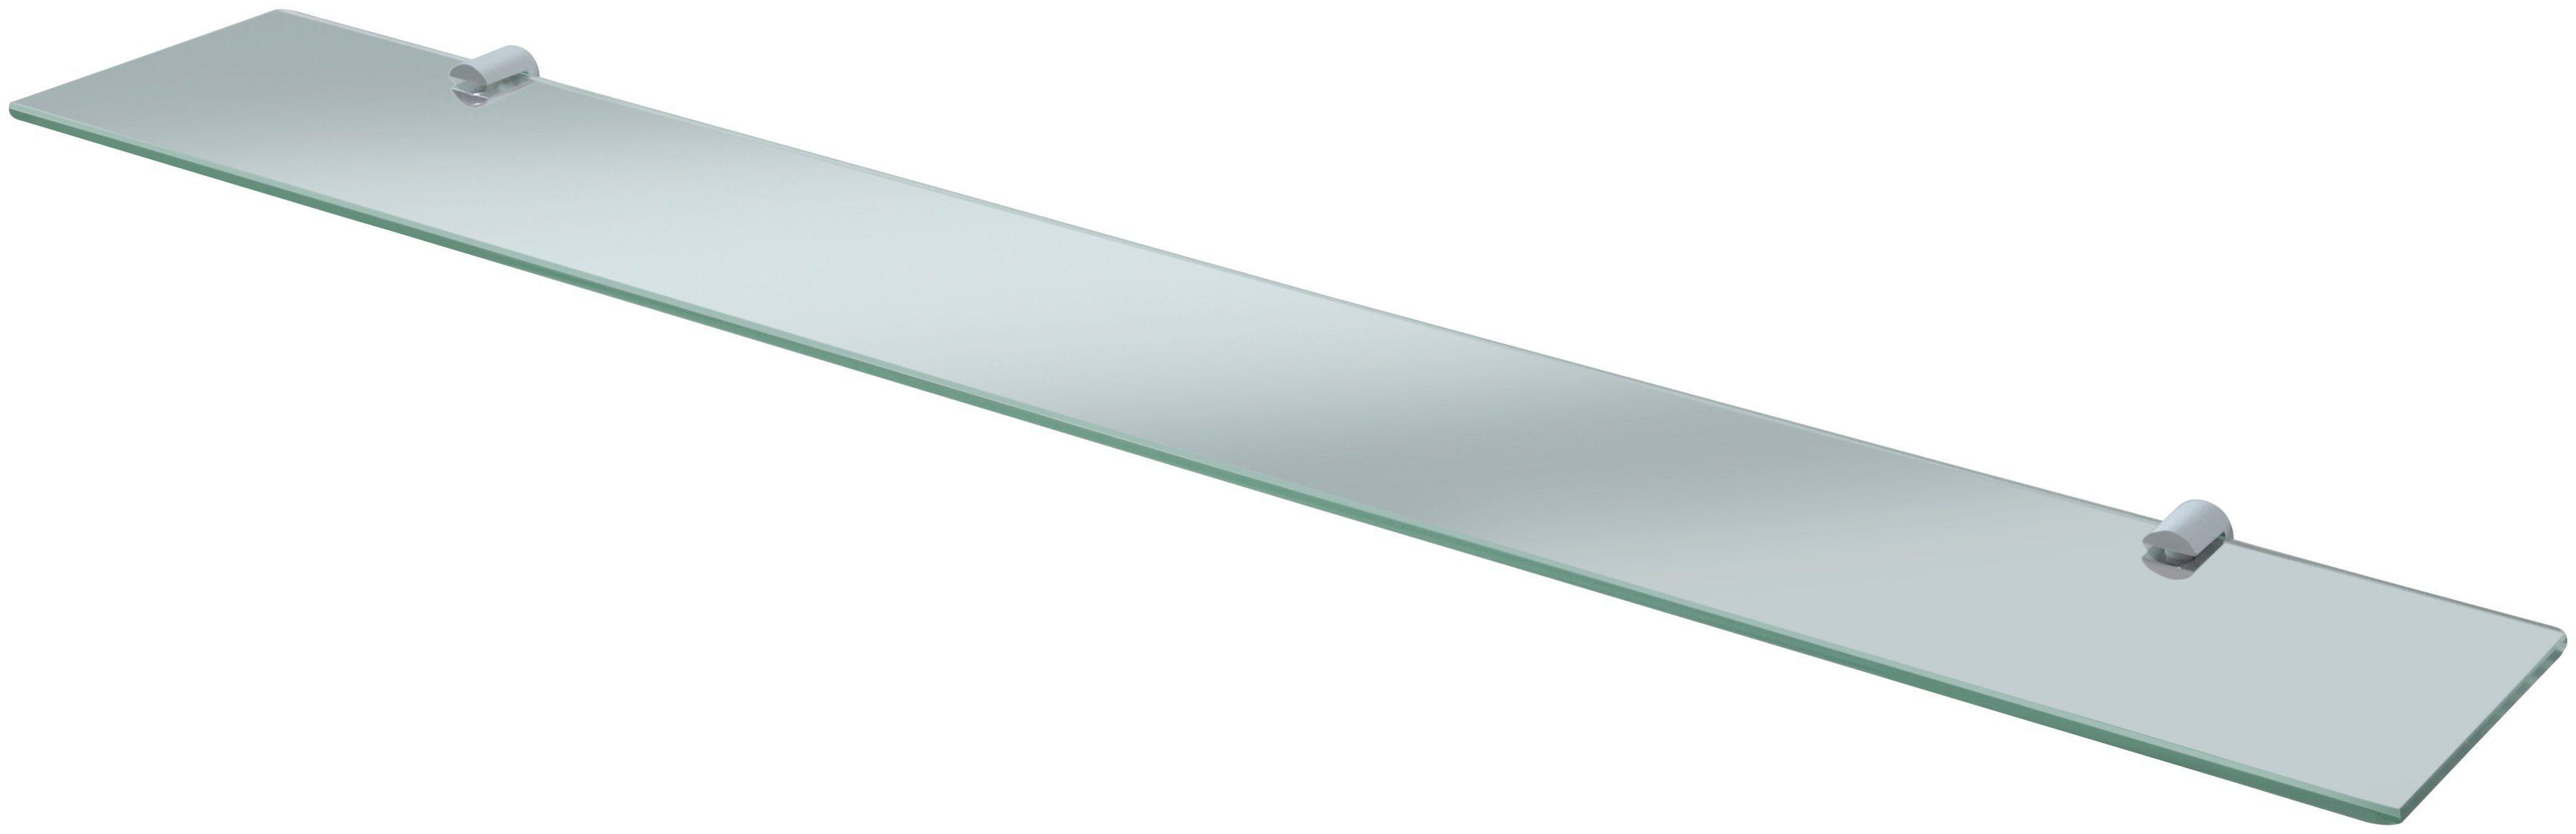 Glasregal  Glasablage  Breite 100 cm kaufen  OTTO